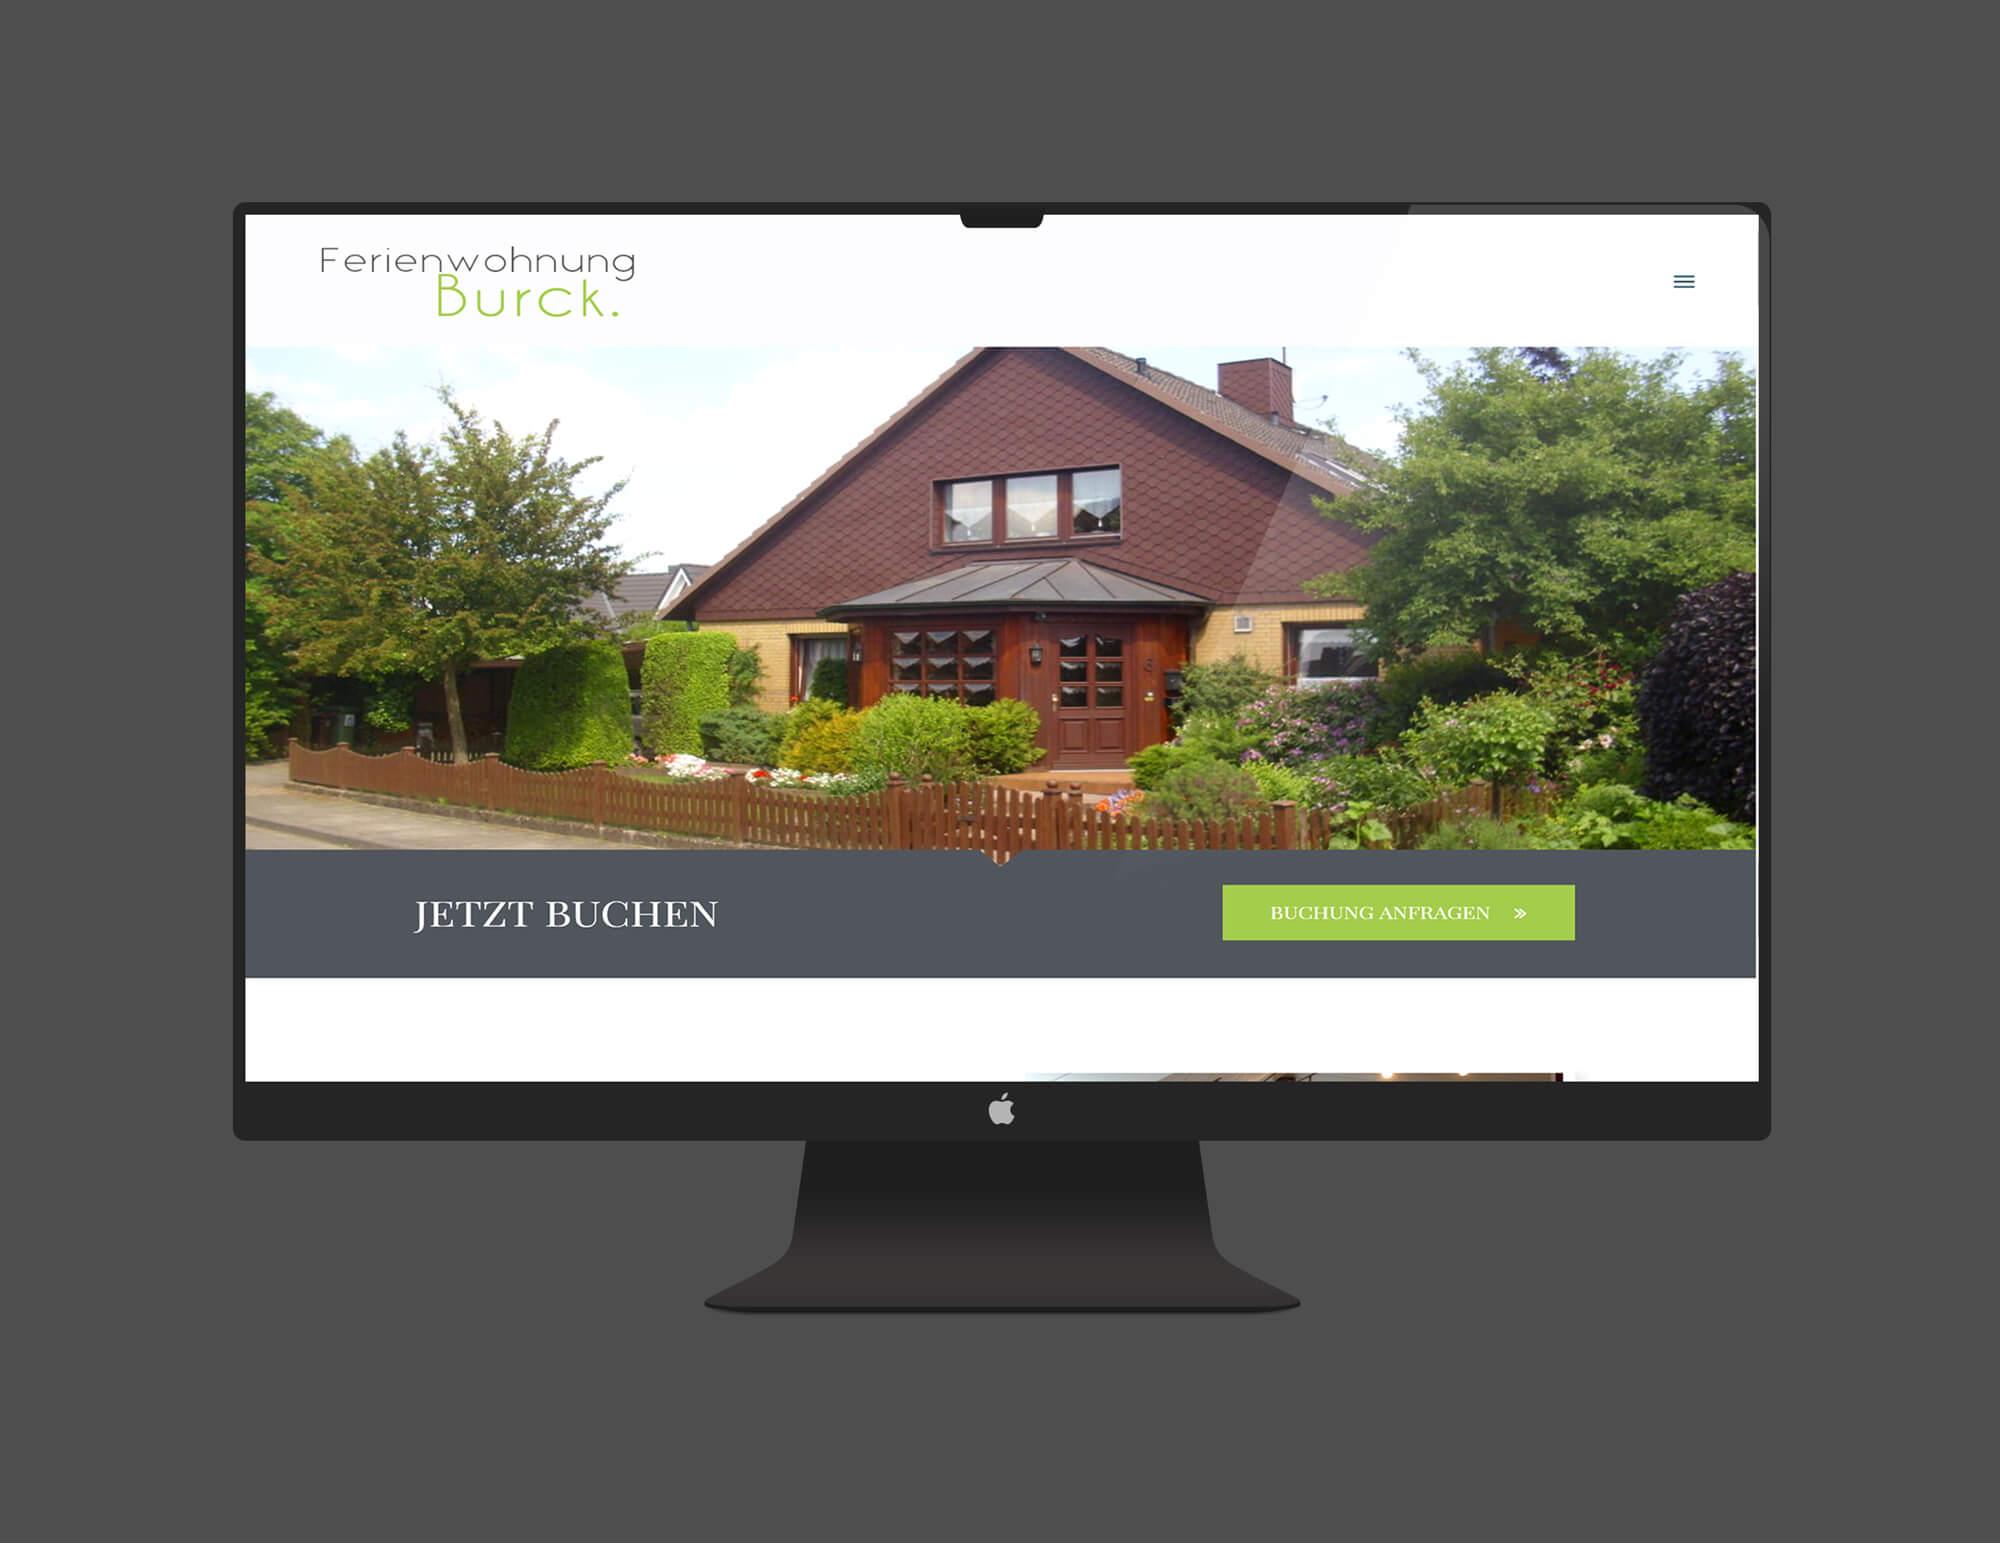 ferienwohnung-burck-webseite-liebespixel-agentur